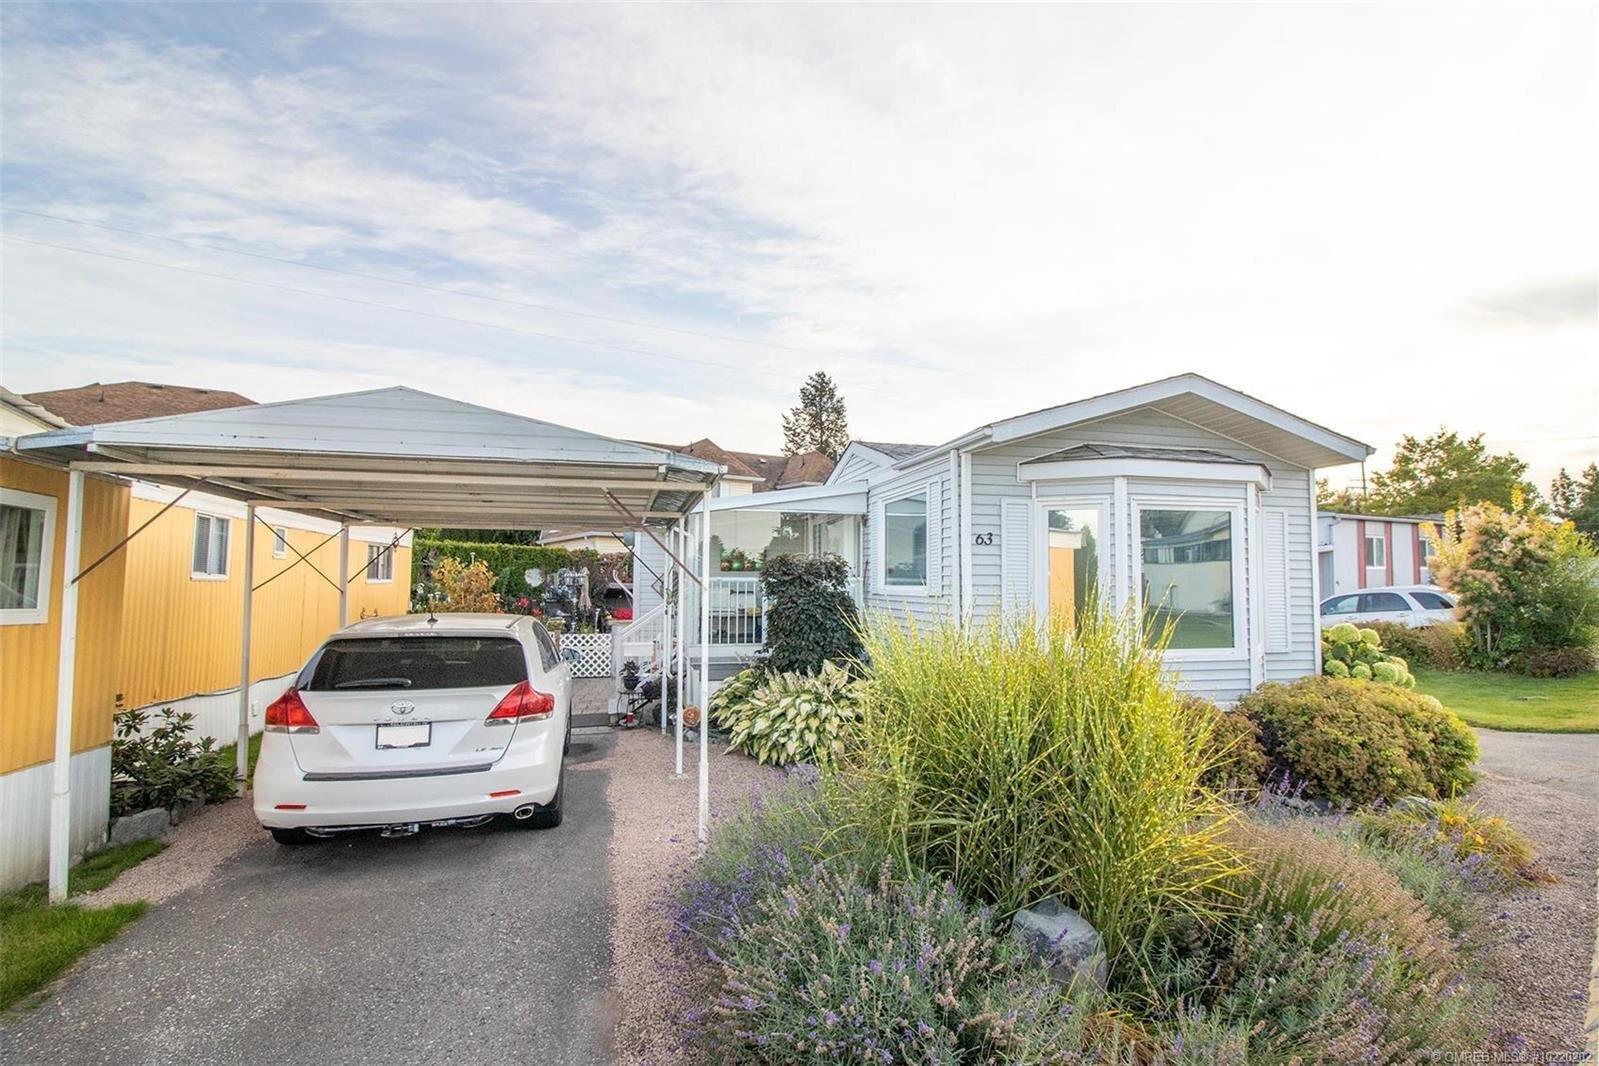 Home for sale at 3745 Lakeshore Rd Unit 63 Kelowna British Columbia - MLS: 10220202